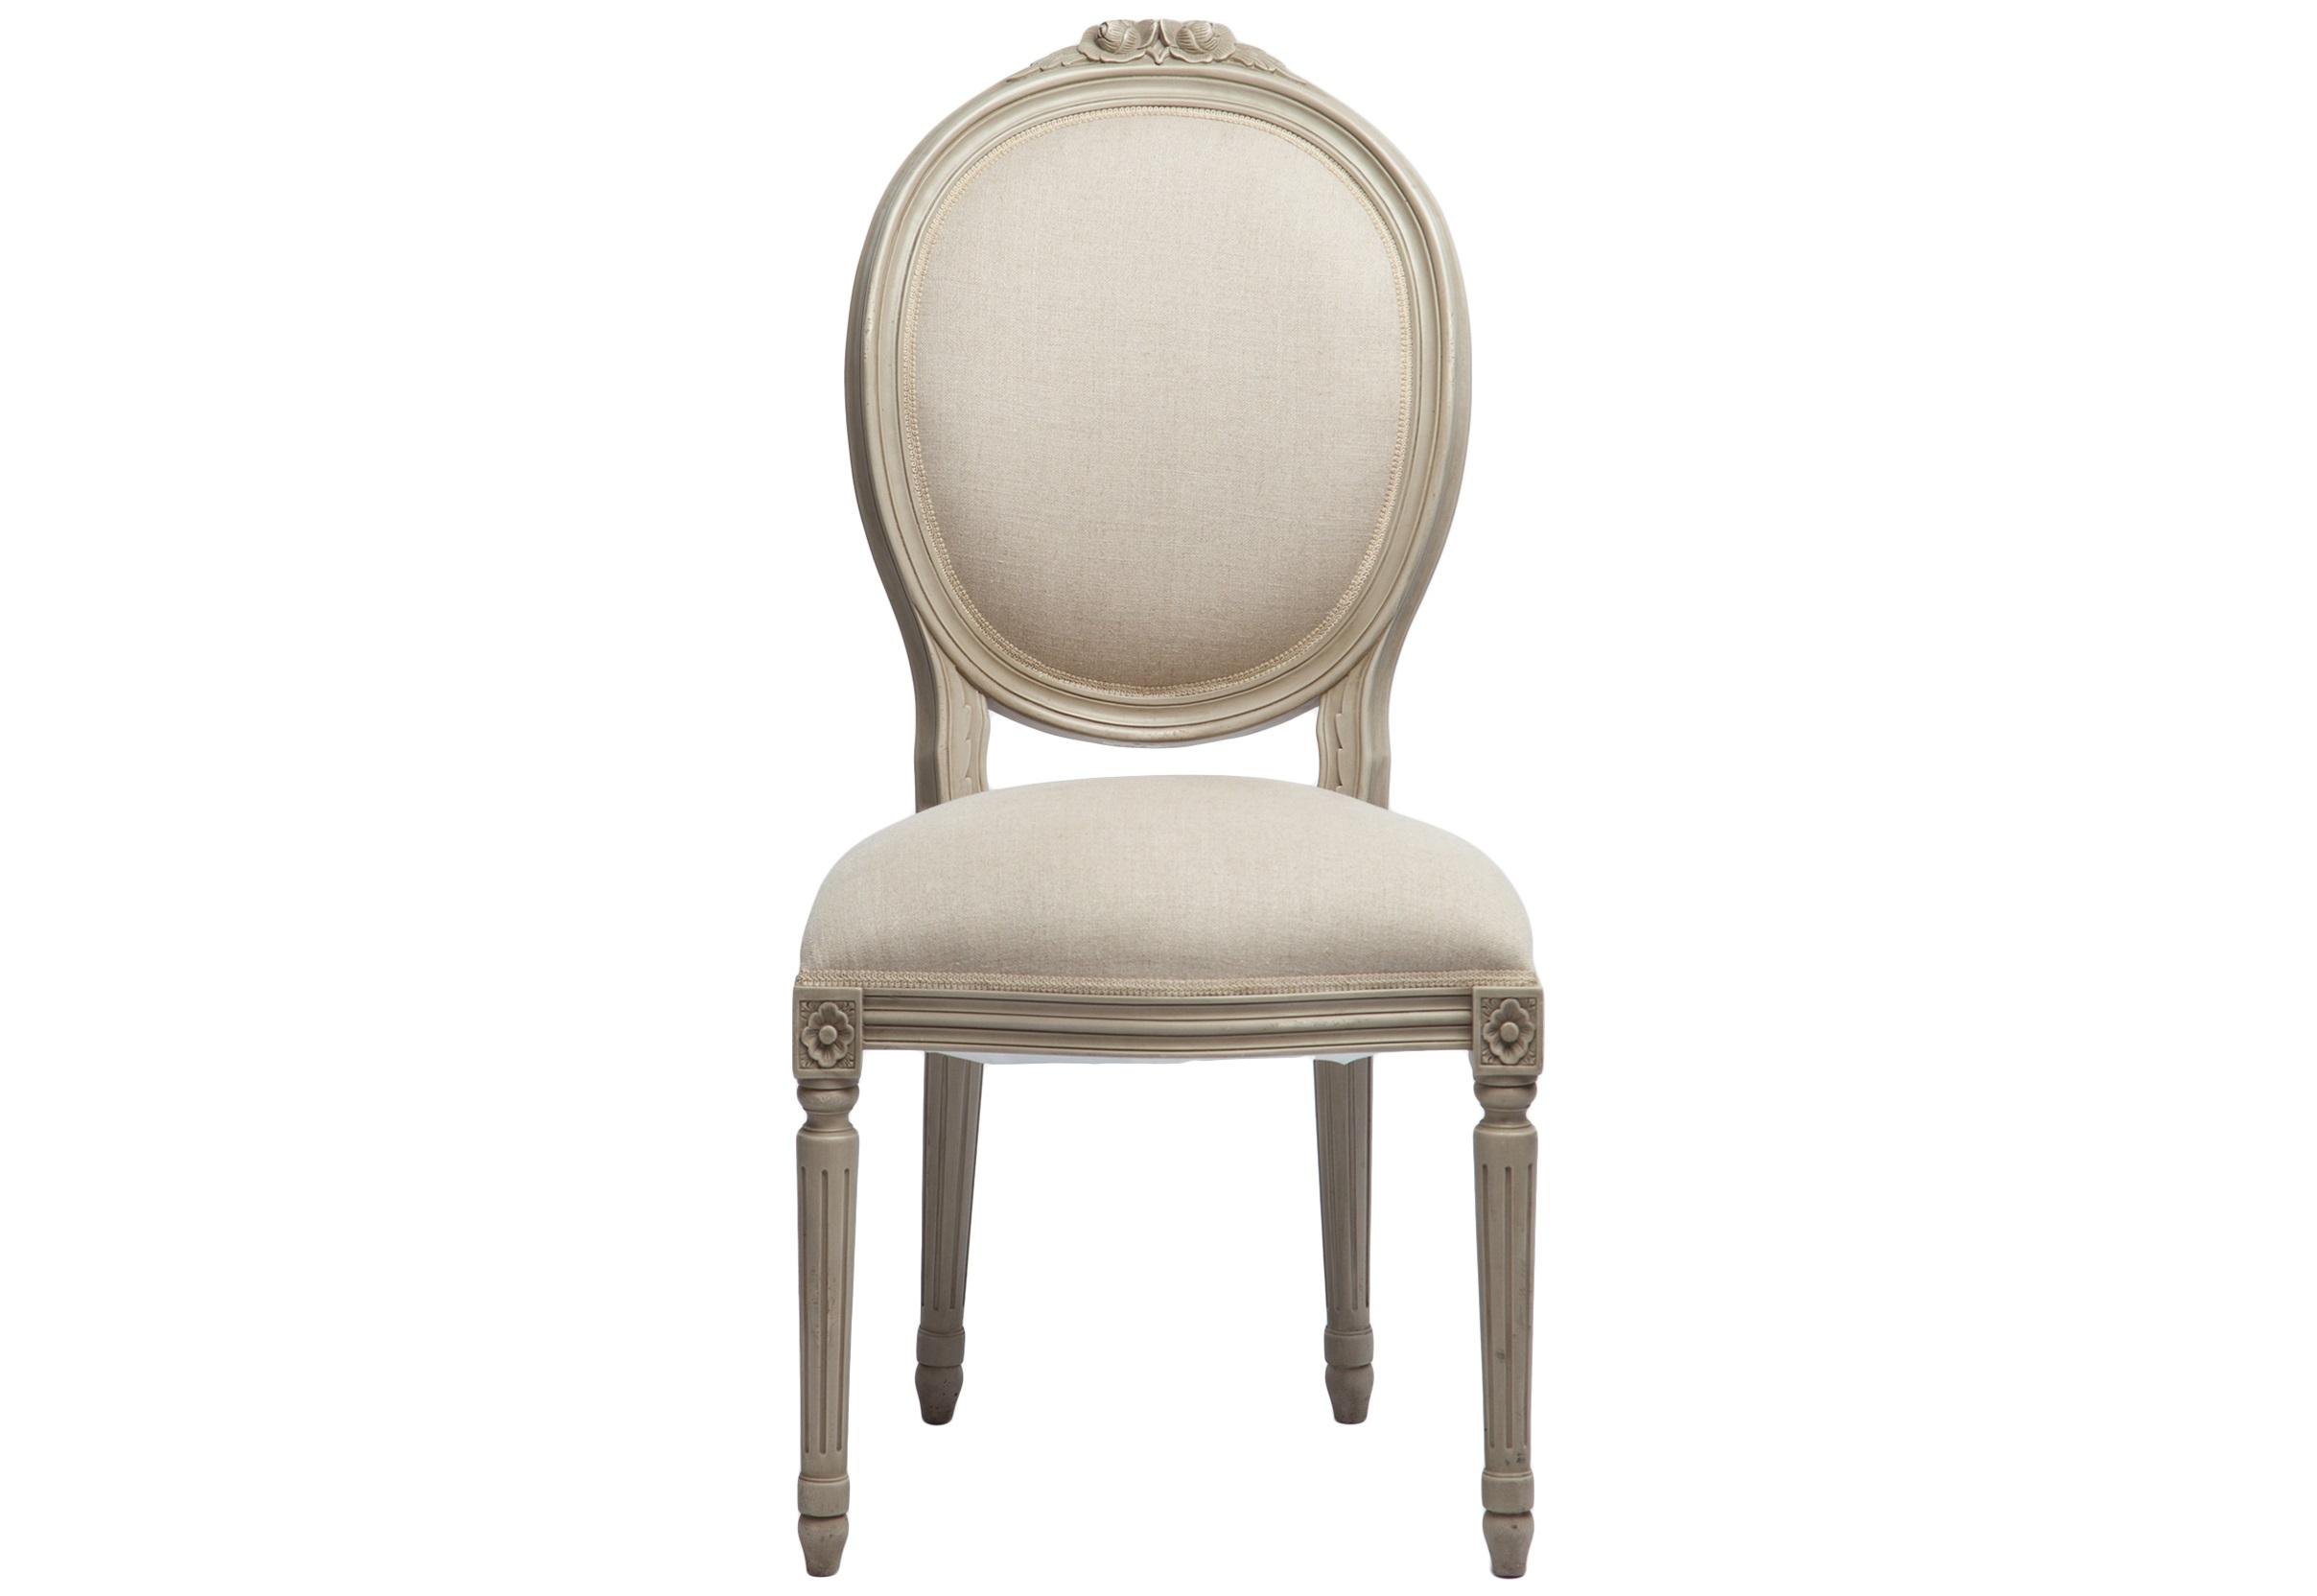 Стул PortofinoОбеденные стулья<br>Стул обеденный с мягкой спинкой-медальон, однотонная обивка.<br><br>Material: Красное дерево<br>Width см: 63<br>Depth см: 53<br>Height см: 107